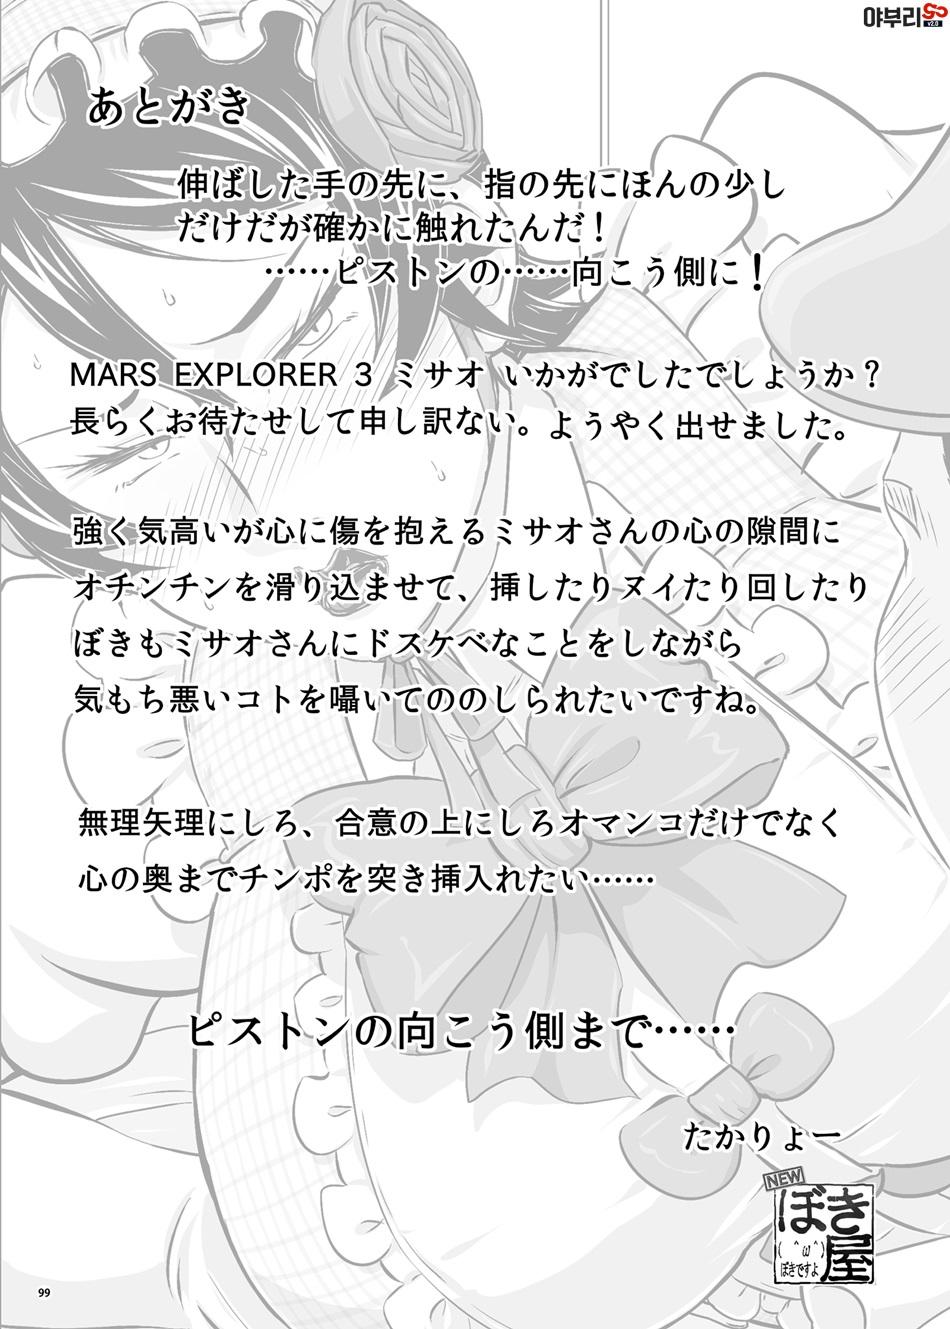 97_099.jpg